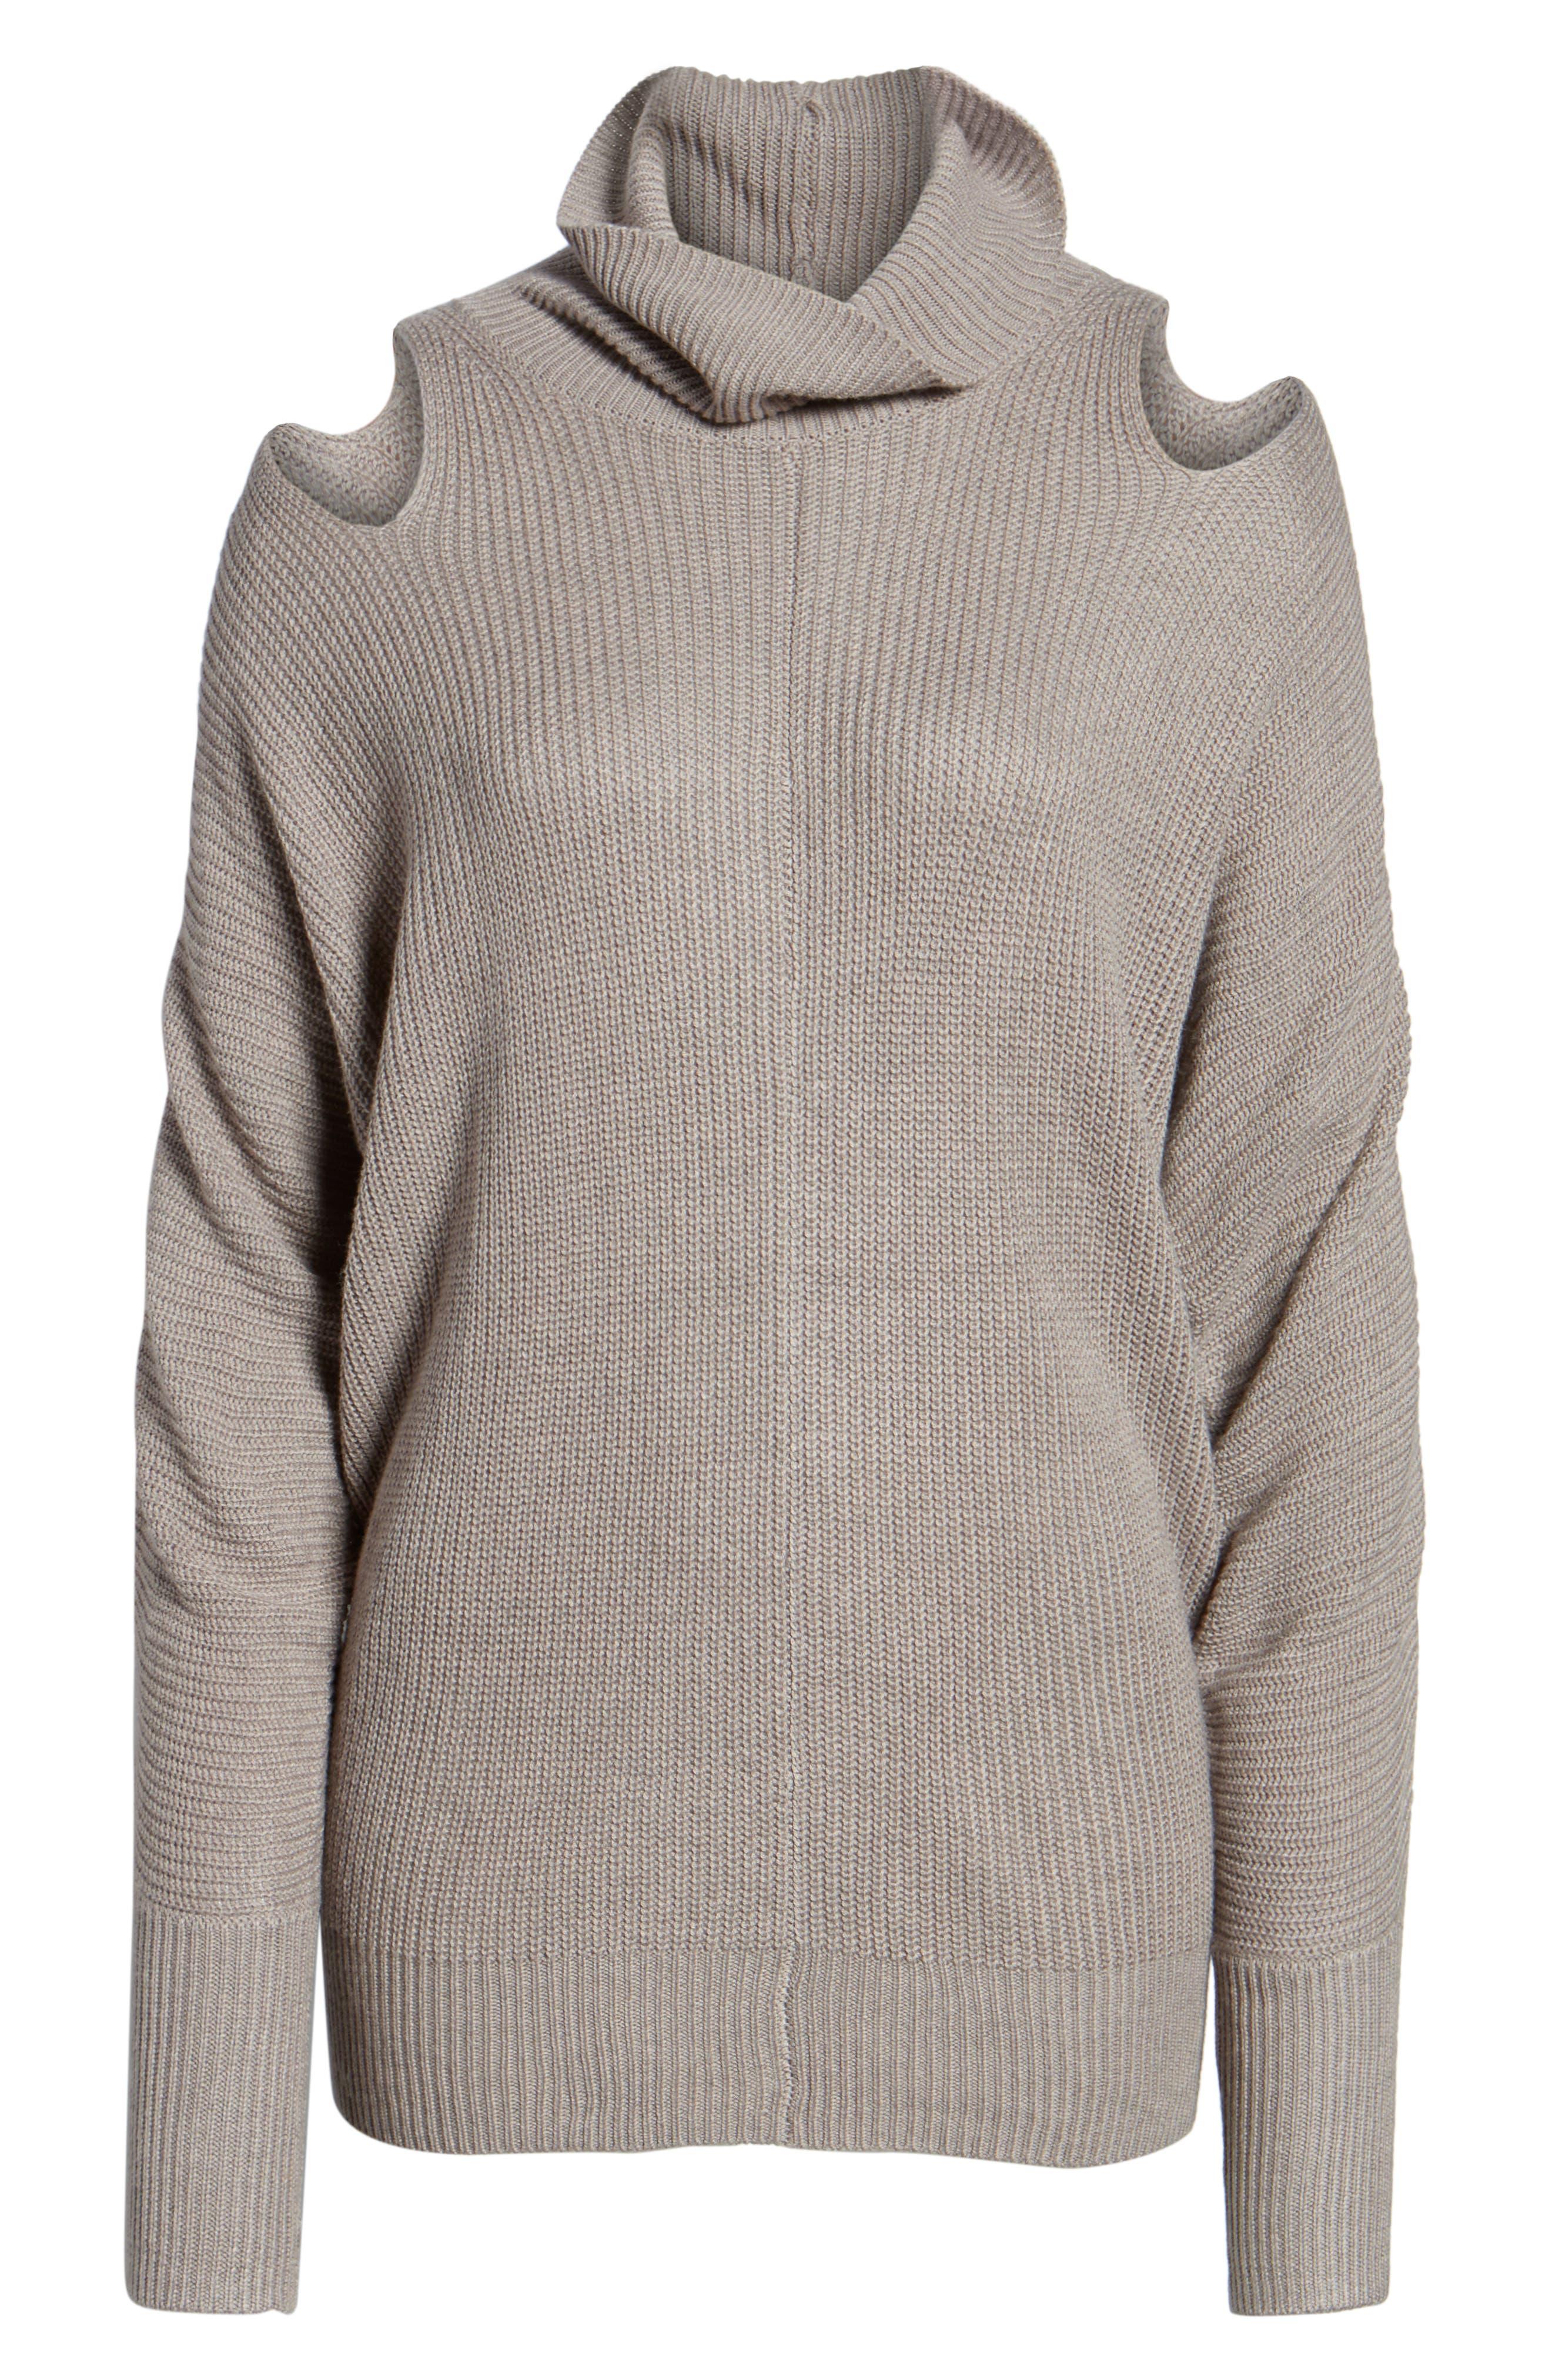 Ella Moss Cutout Sweater